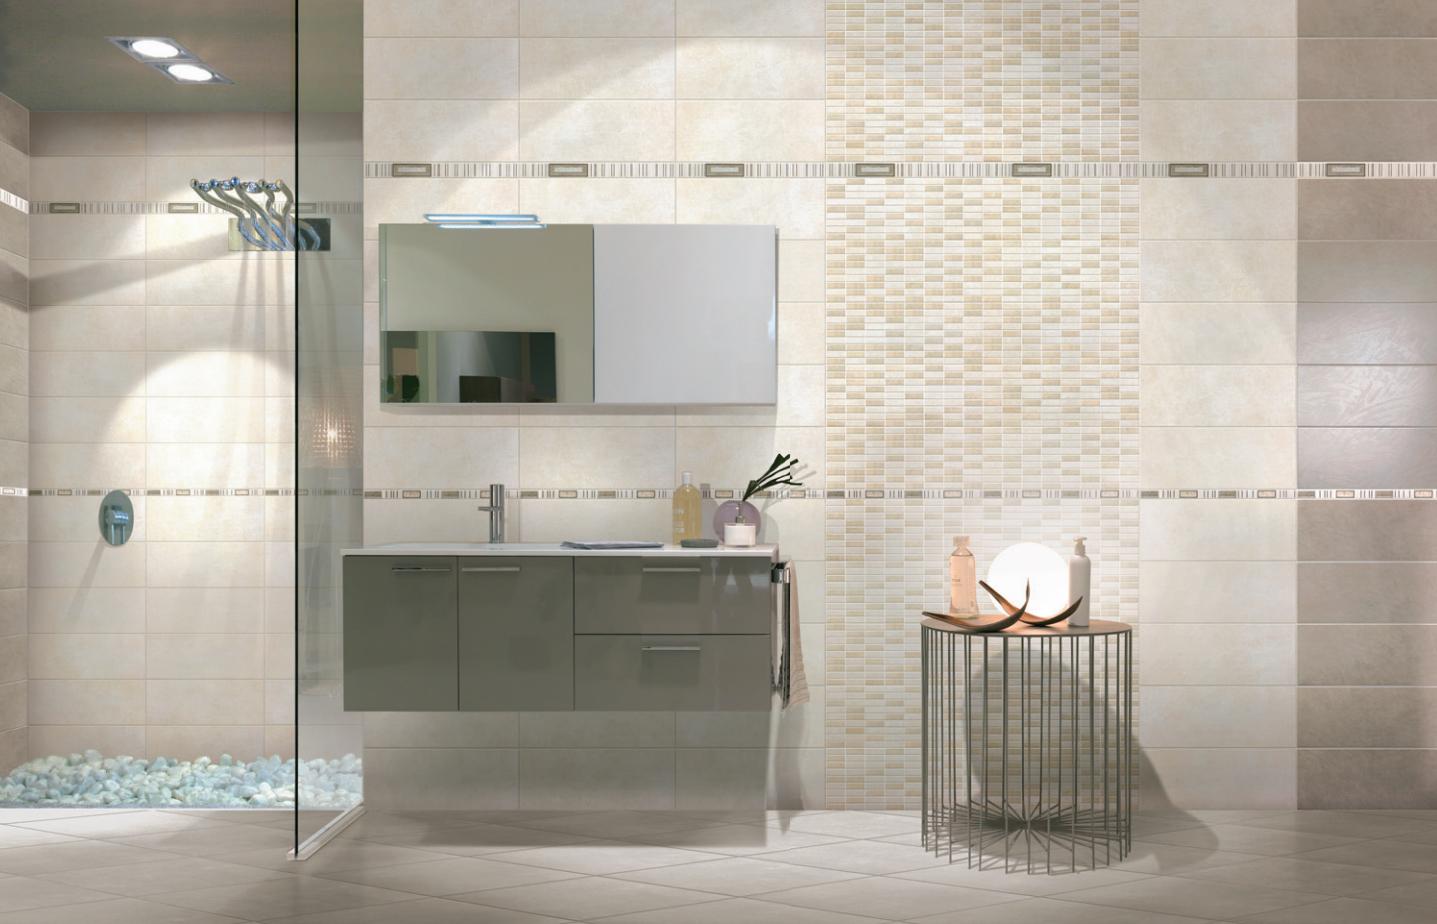 Piastrelle ceramica pavimento rivestimento bagno moderno regina azzurro e avorio ebay - Bagni piastrelle moderne ...